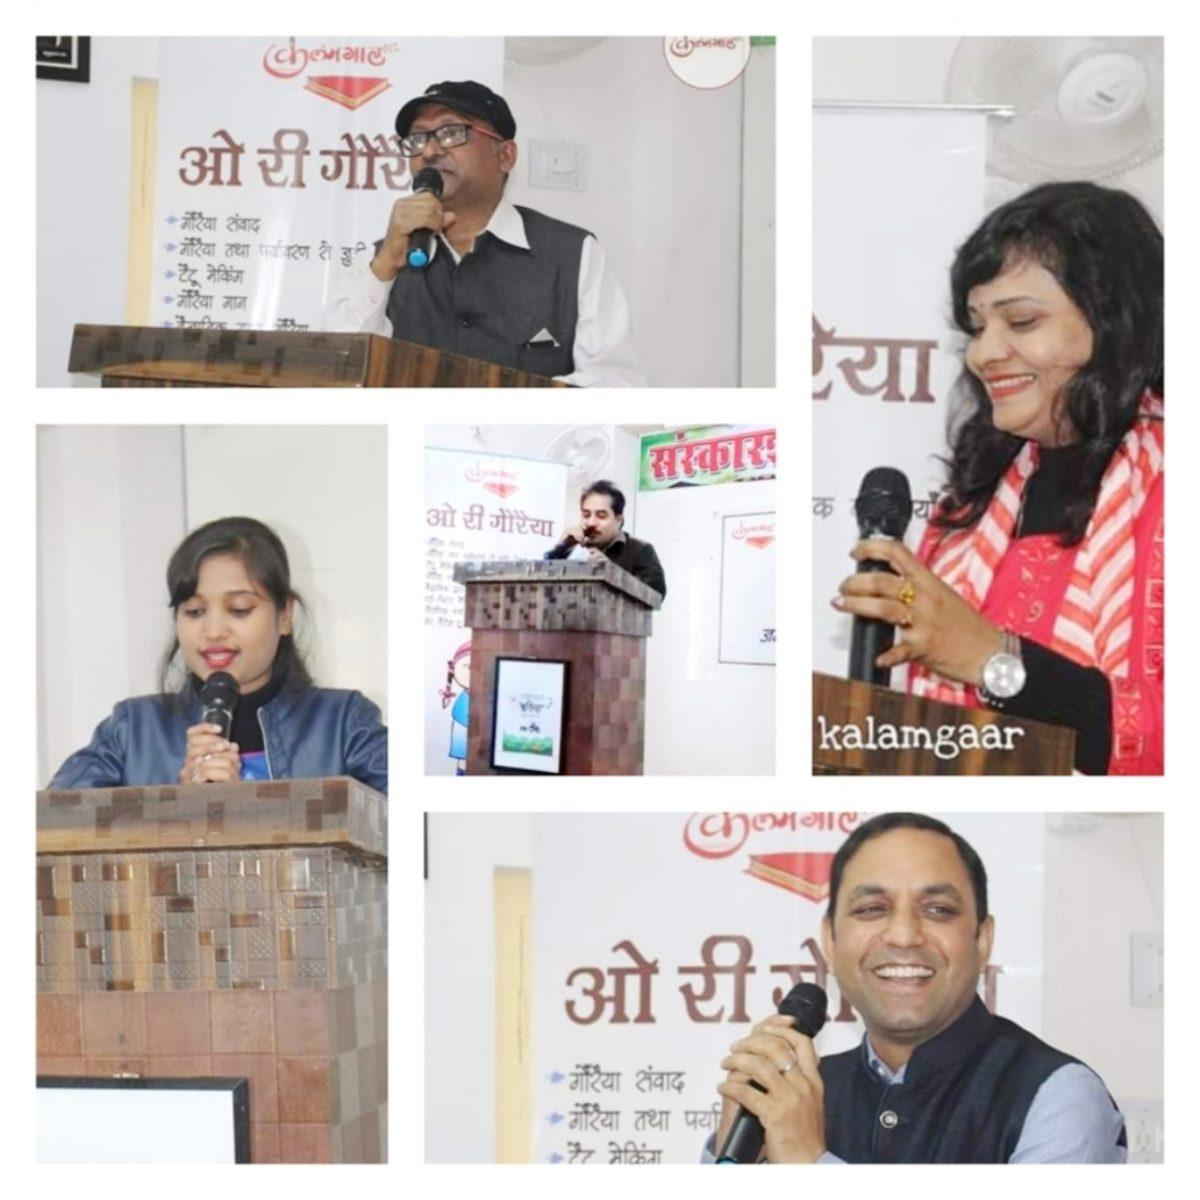 कलमगार ने आयोजित किया काव्य-सरिता